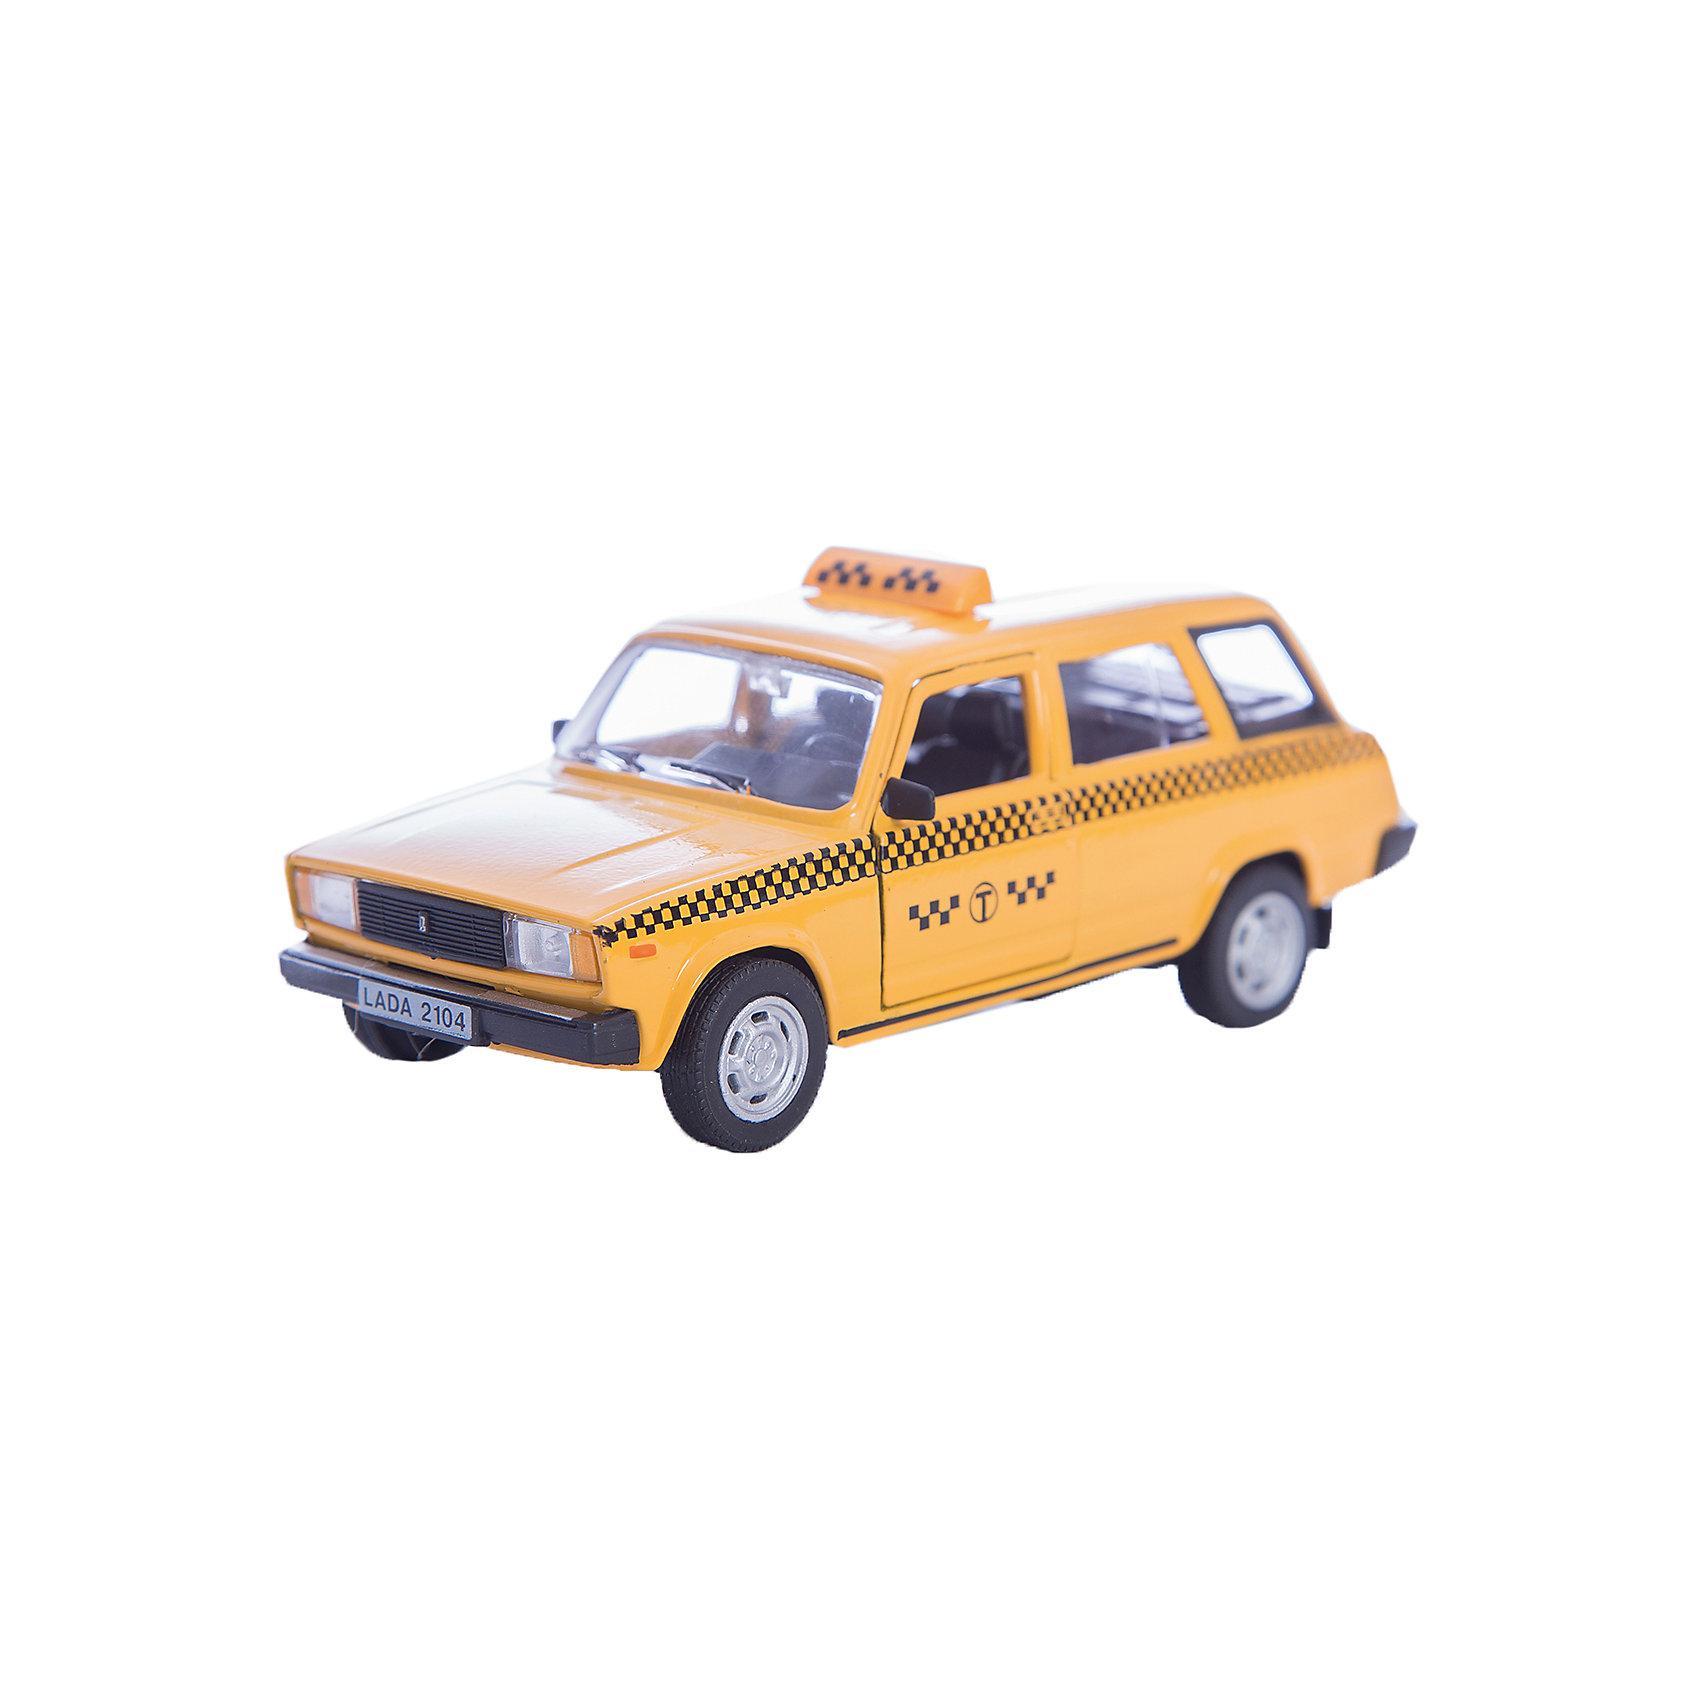 Машинка Lada 2104 такси 1:36, AutotimeМашинки<br>Характеристики товара:<br><br>• цвет: желтый<br>• материал: металл, пластик<br>• размер: 16,5х7,х5,7 см<br>• вес: 100 г<br>• масштаб: 1:36<br>• прочный материал<br>• хорошая детализация<br>• открываются двери<br>• страна бренда: Россия<br>• страна производства: Китай<br><br>Коллекционная машинка LADA 2104 такси от бренда AUTOTIME станет отличным подарком для мальчика. Подробная детализация машинки порадует увлеченного коллекционера, а открывающиеся двери и свободно вращающиеся колеса придутся по душе юному владельцу игрушечного гаража. Эта игрушка подарит восторг и радость вашему ребенку. <br><br>Игрушка также воздействует на наглядно-образное мышление, логическое мышление, развивает мелкую моторику. Изделие выполнено из сертифицированных материалов, безопасных для детей.<br><br>Машинку «Lada 2104» такси от бренда AUTOTIME можно купить в нашем интернет-магазине.<br><br>Ширина мм: 165<br>Глубина мм: 57<br>Высота мм: 75<br>Вес г: 13<br>Возраст от месяцев: 36<br>Возраст до месяцев: 2147483647<br>Пол: Мужской<br>Возраст: Детский<br>SKU: 5583951